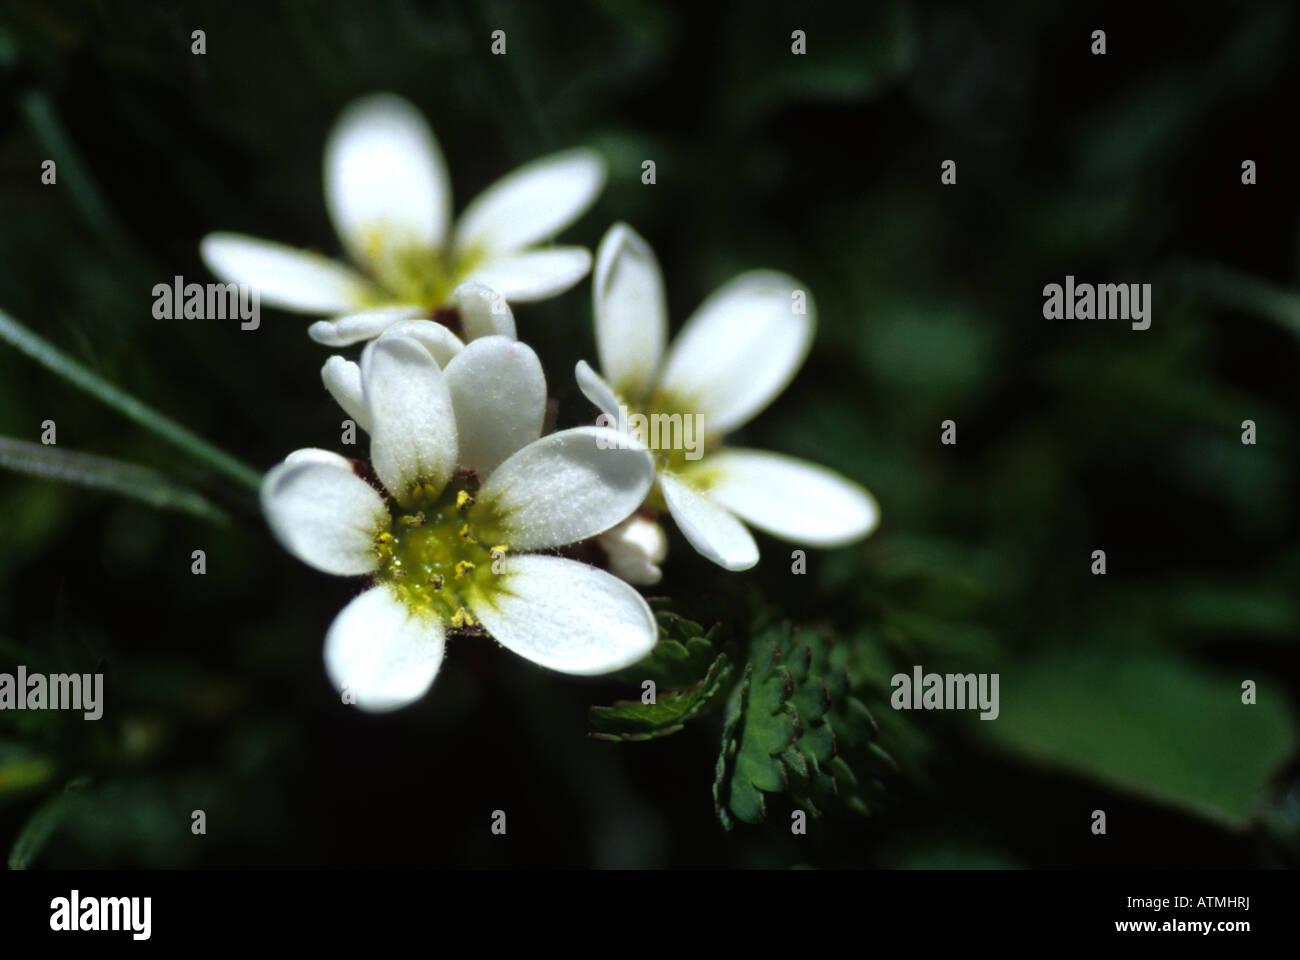 White mountain flowers stock photo 16350821 alamy white mountain flowers mightylinksfo